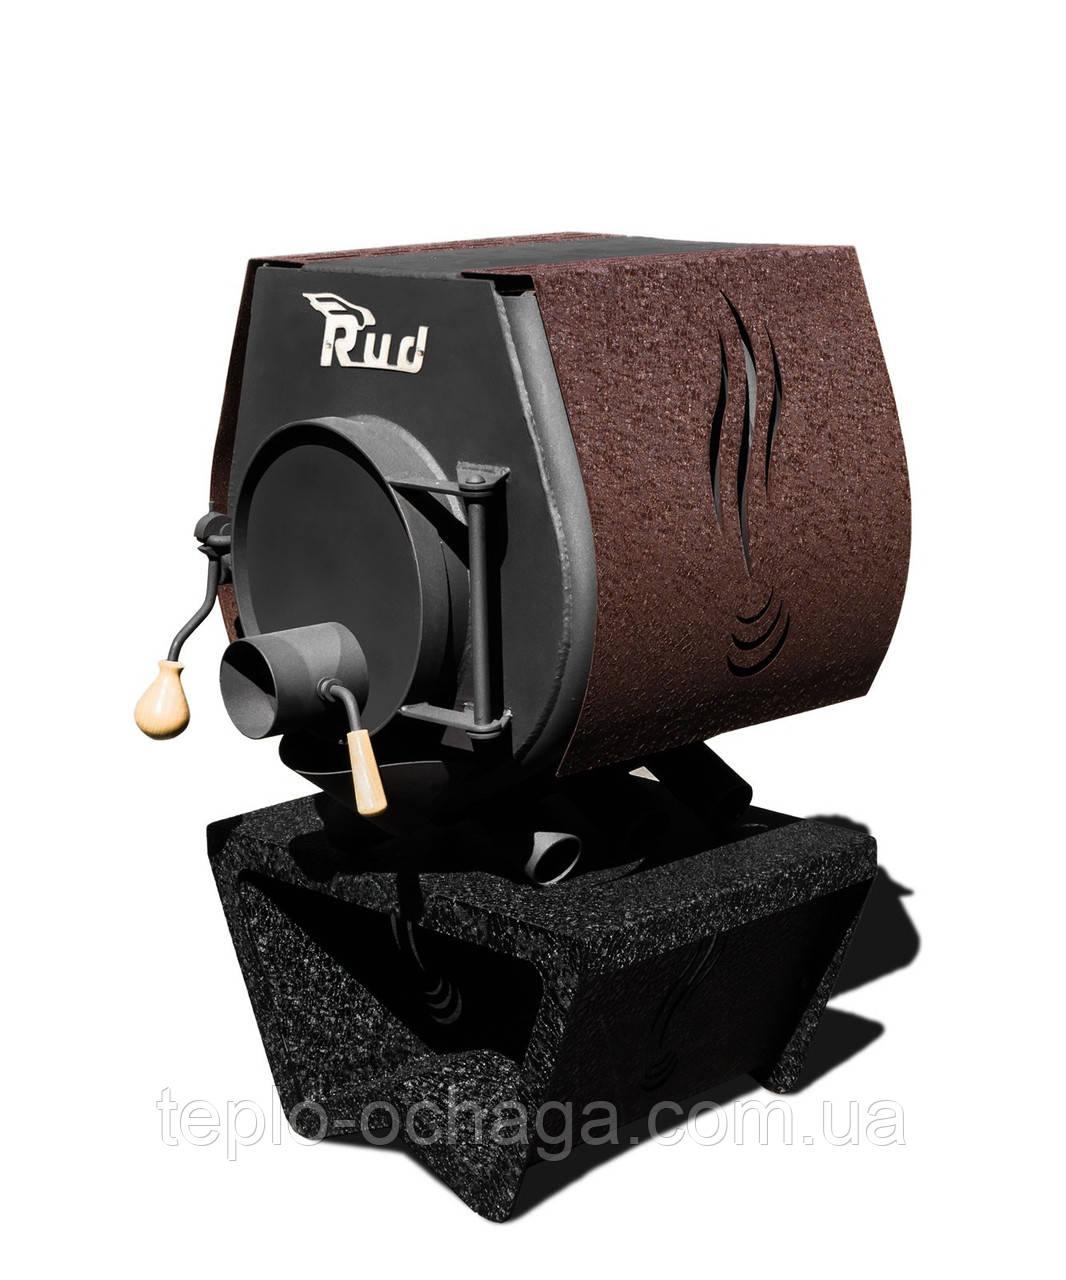 Булерьян Rud Pyrotron Кантри 00 с варочной поверхностью обшивка декоративная (коричнева